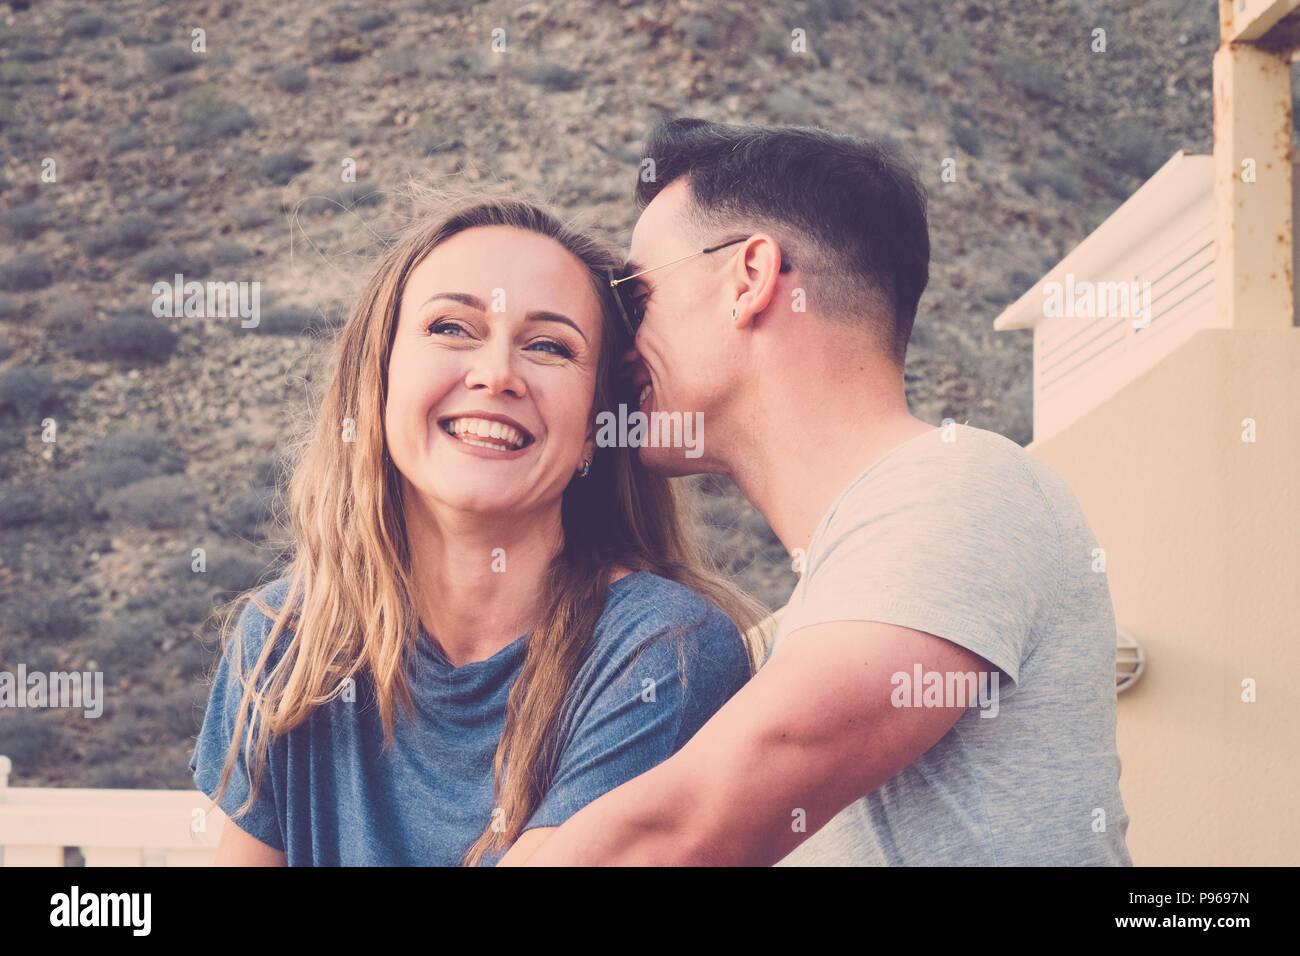 Linda pareja joven caucásico en amor flirt y disfrutar de románticas tiempo juntos en la terraza a la montaña backgorund natural. la felicidad y rel Imagen De Stock